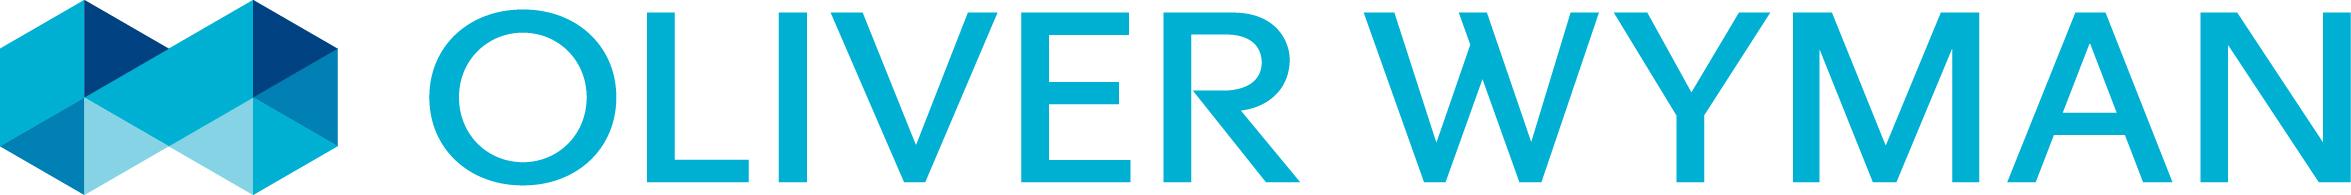 logo_ow.jpg